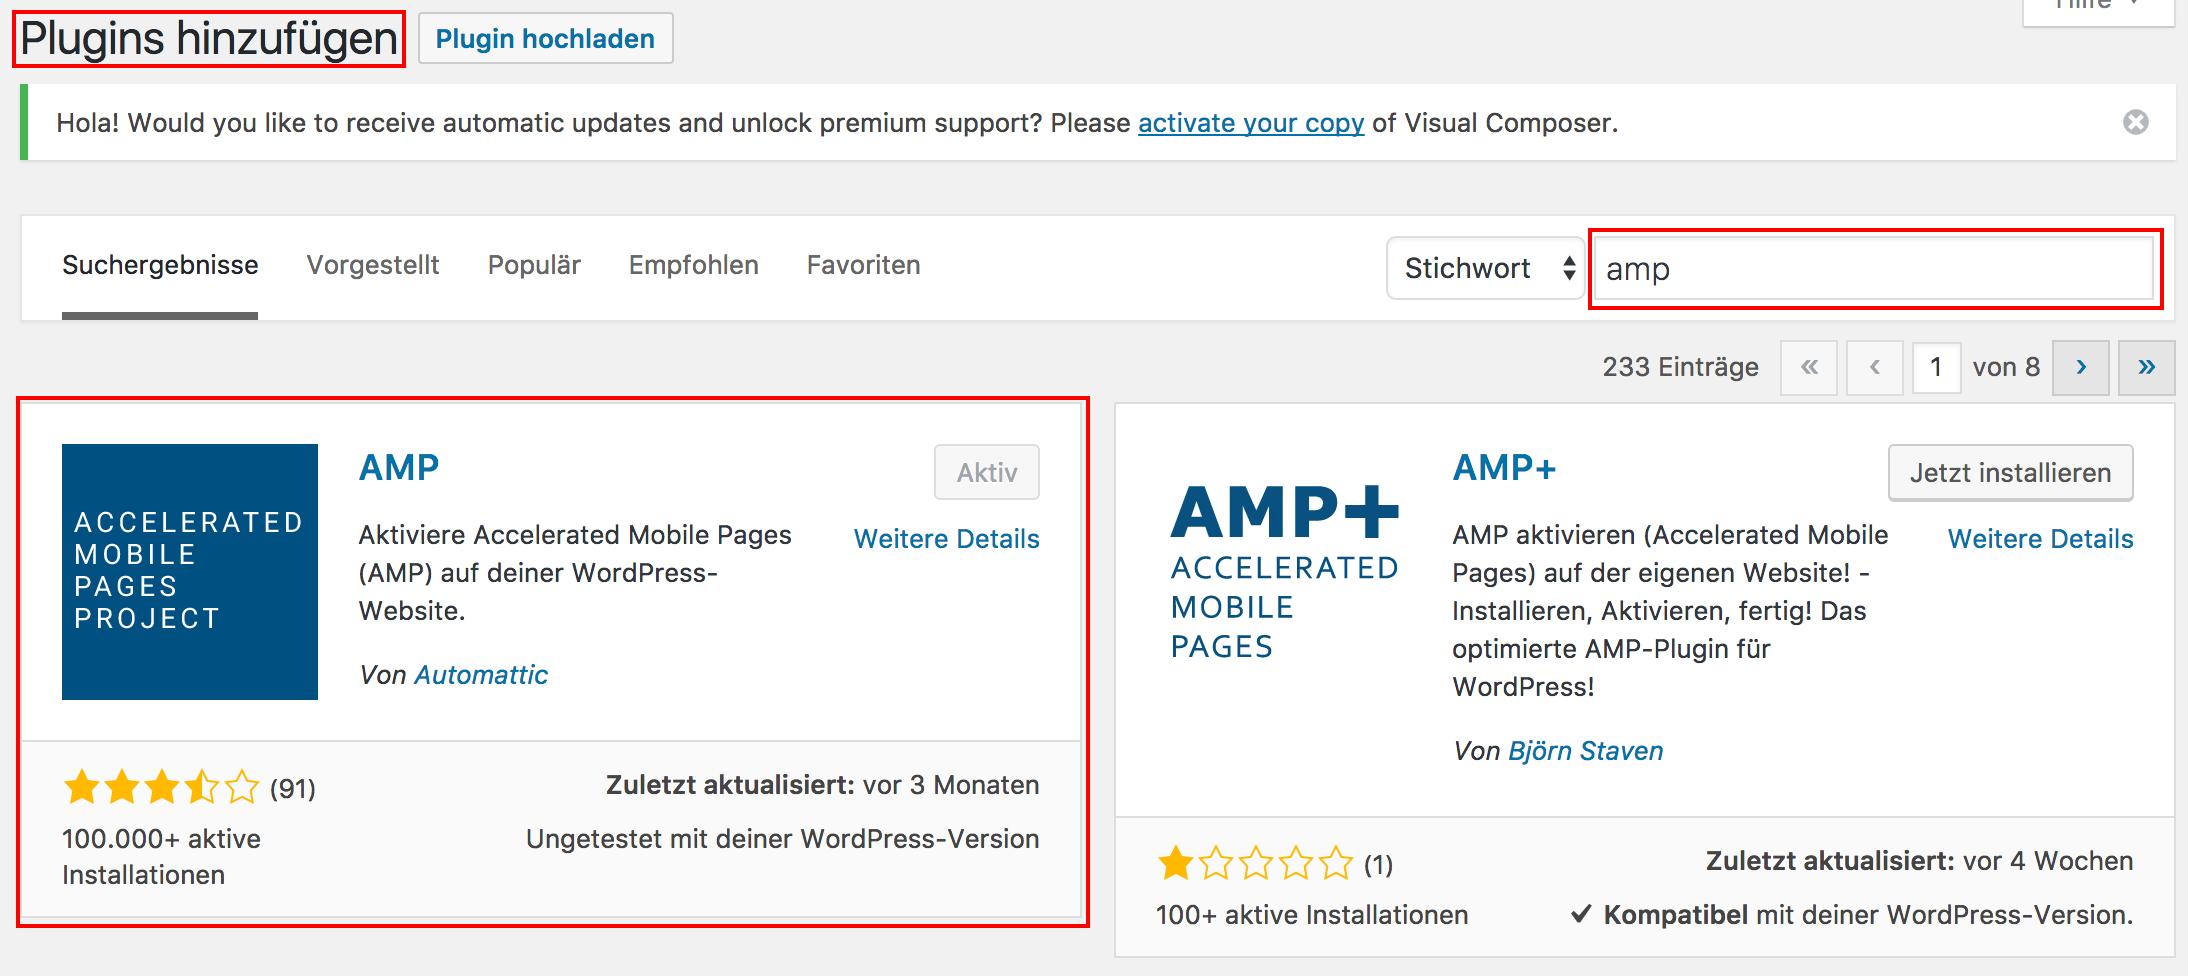 AMP Plugin für WordPress installieren